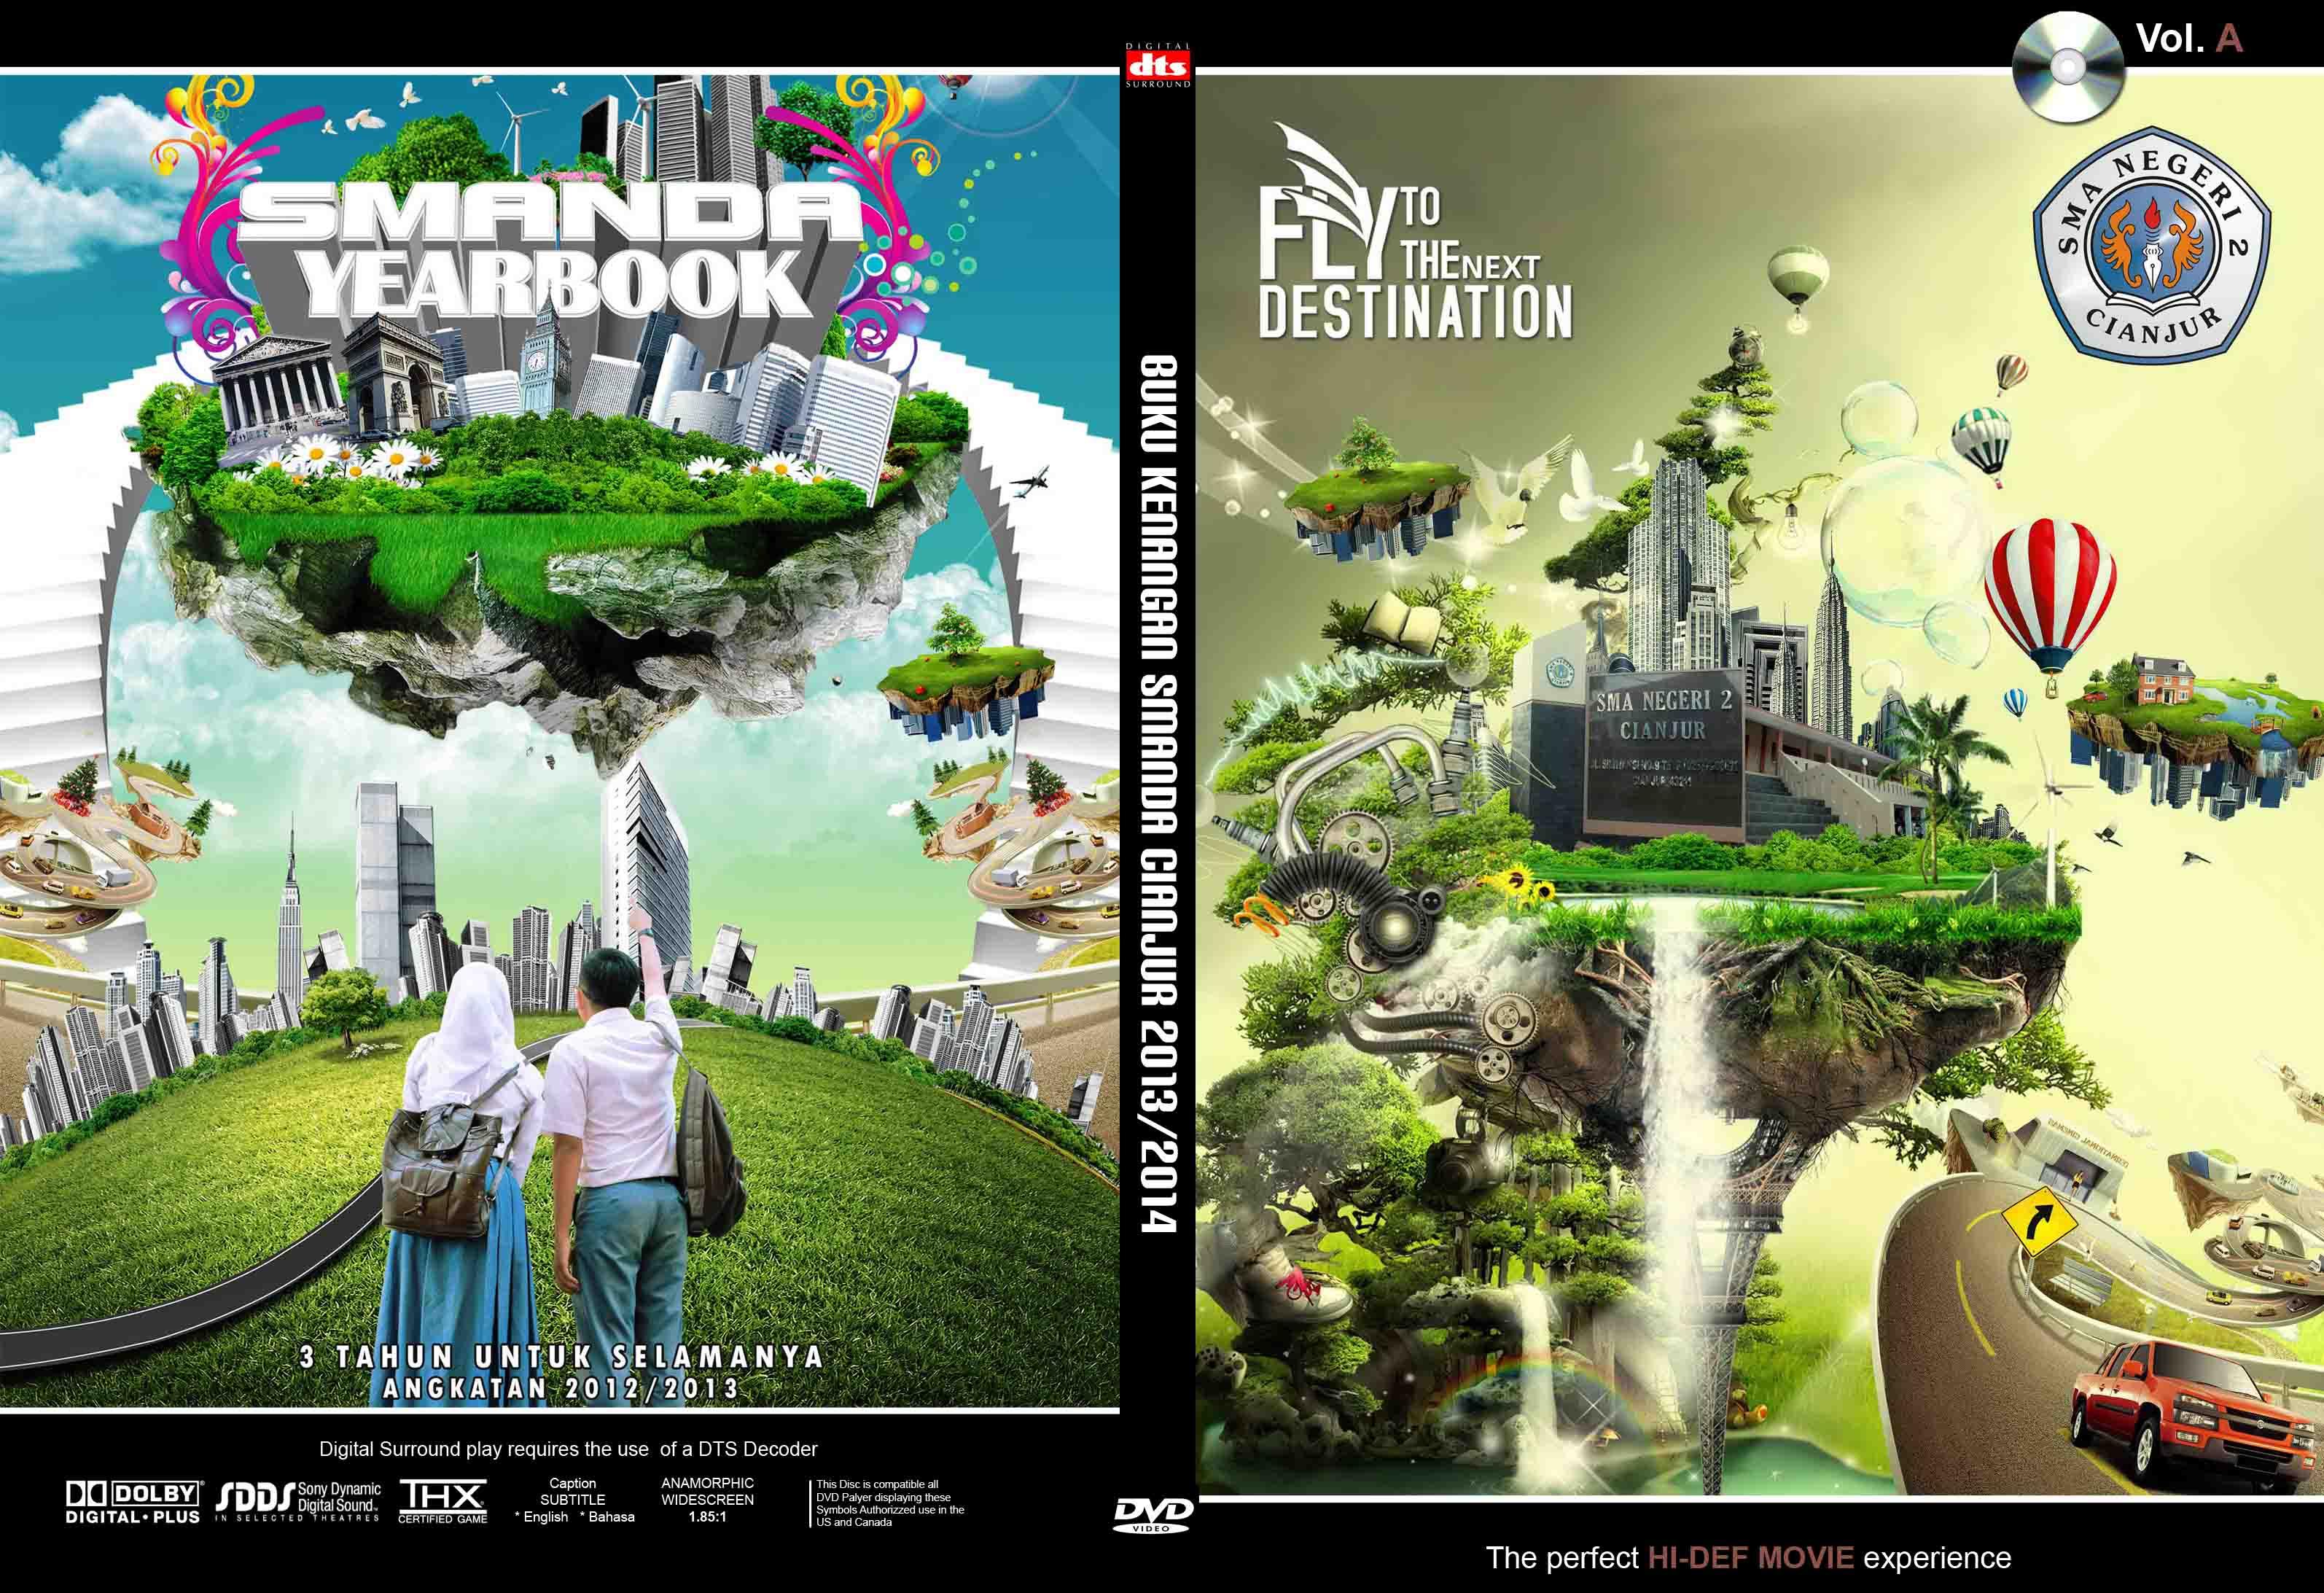 cover vol.a copy131 cover vol.a copy13